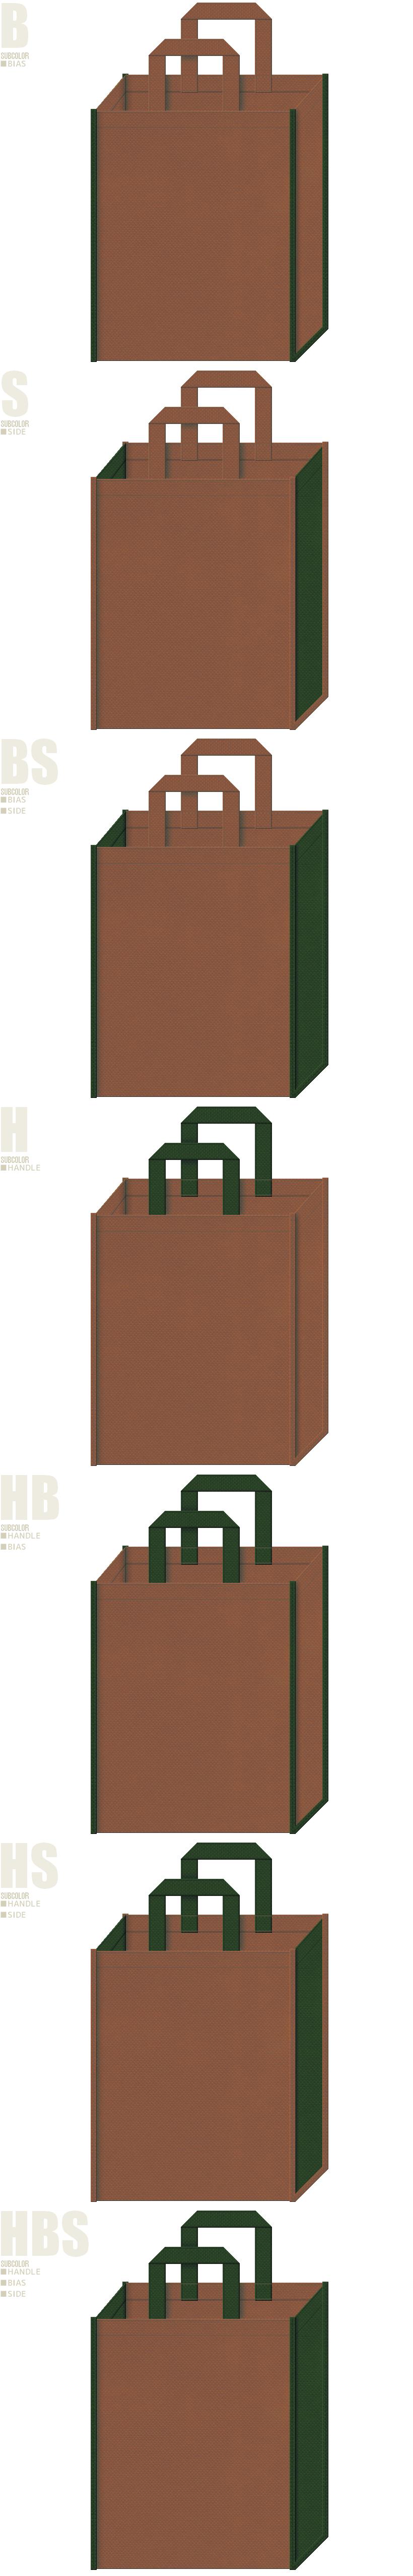 テーマーパーク・ゲーム・探検・ジャングル・アマゾン・恐竜・松の木・絵本・森・もみの木・クリスマス・キャンプ・アウトドア用品の展示会・販促イベントにお奨めの不織布バッグデザイン:茶色と濃緑色の配色7パターン